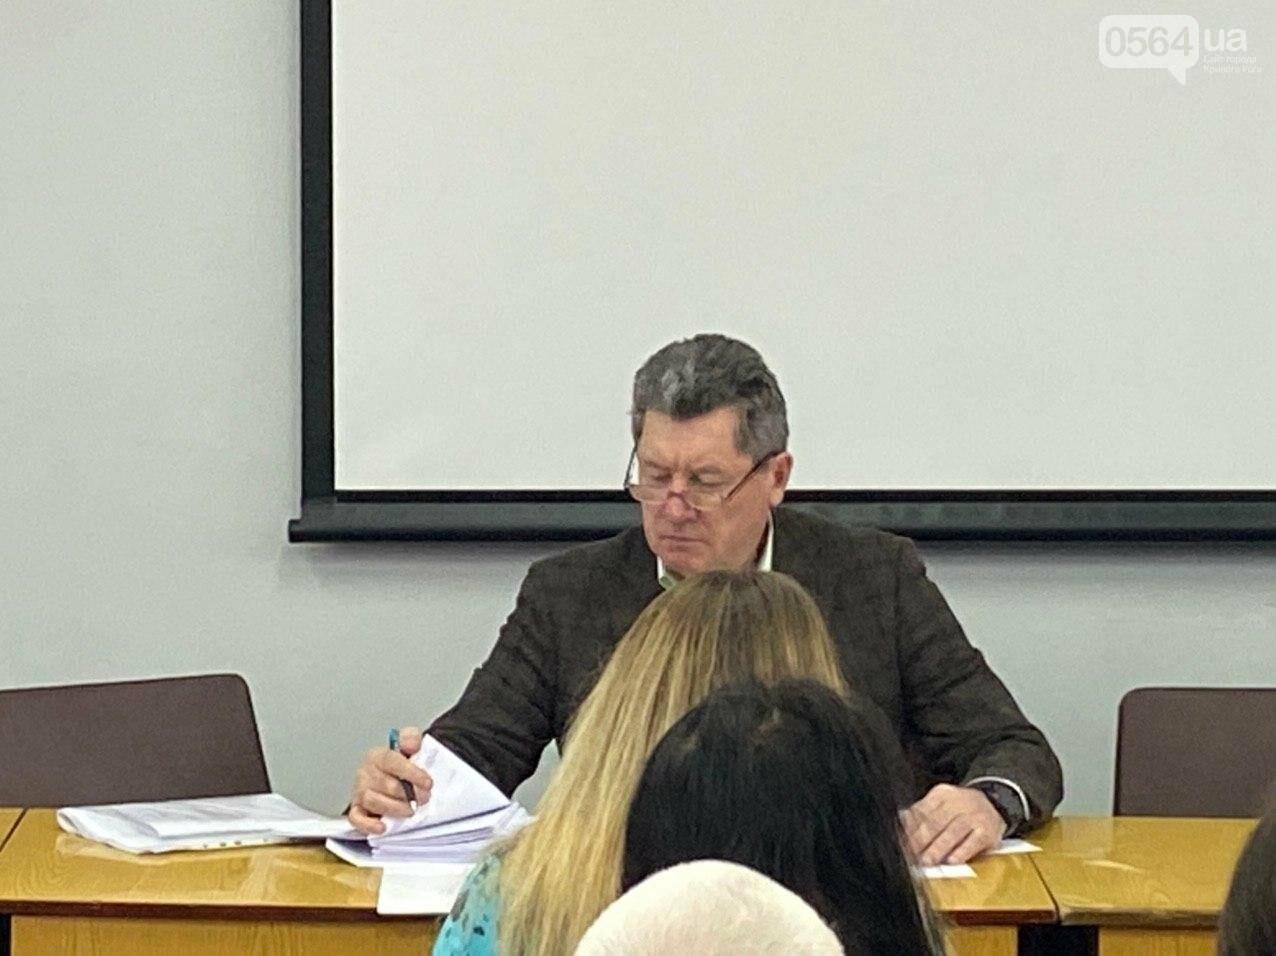 Криворожские депутаты собрались на заседания постоянных комиссий, - ФОТО, ВИДЕО, фото-3